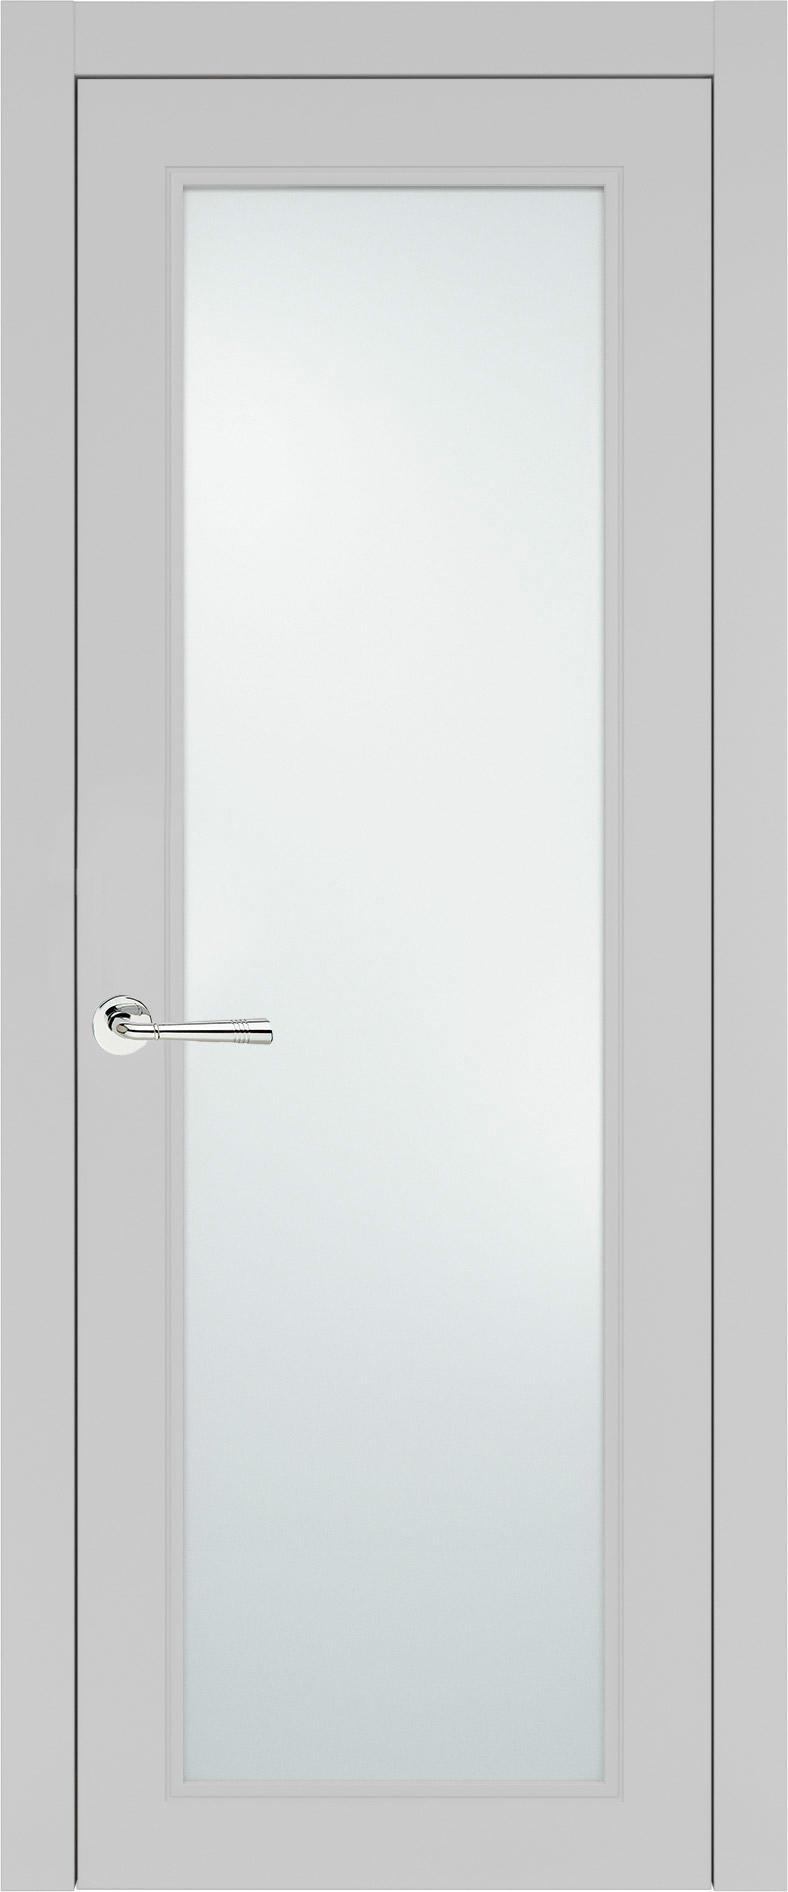 Domenica Neo Classic цвет - Серая эмаль (RAL 7047) Со стеклом (ДО)